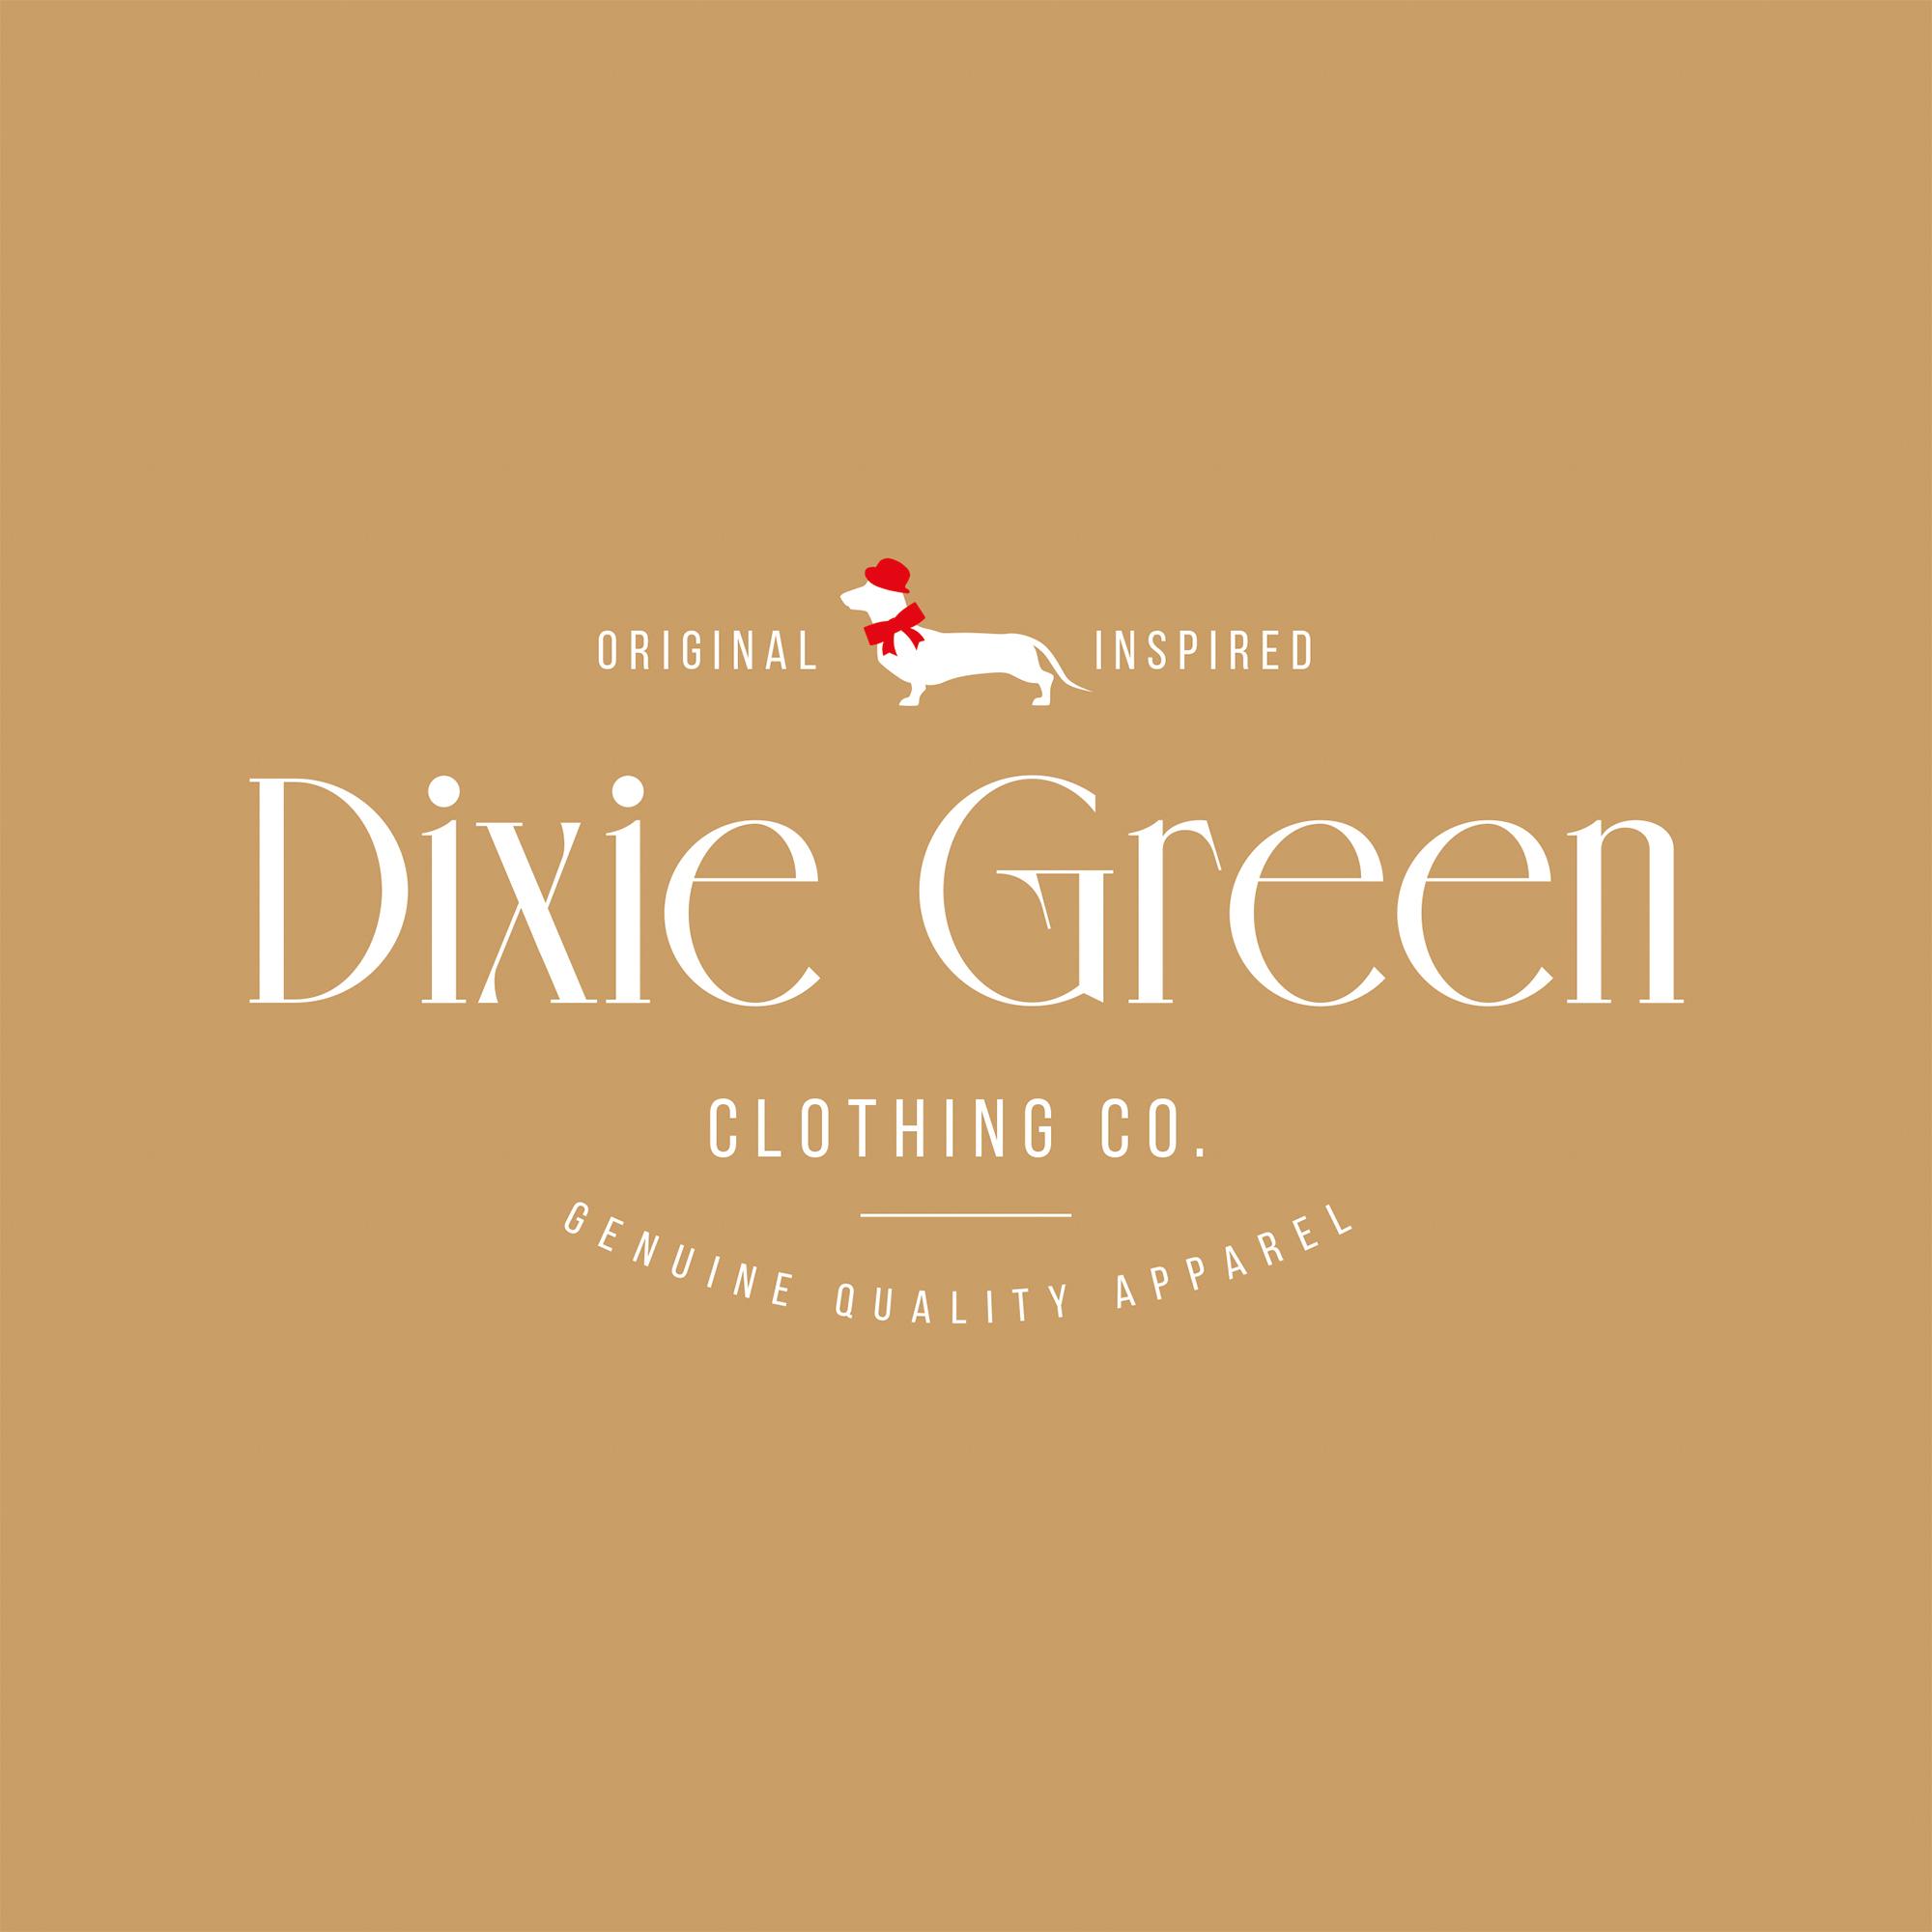 Dixie Green Premade Logo